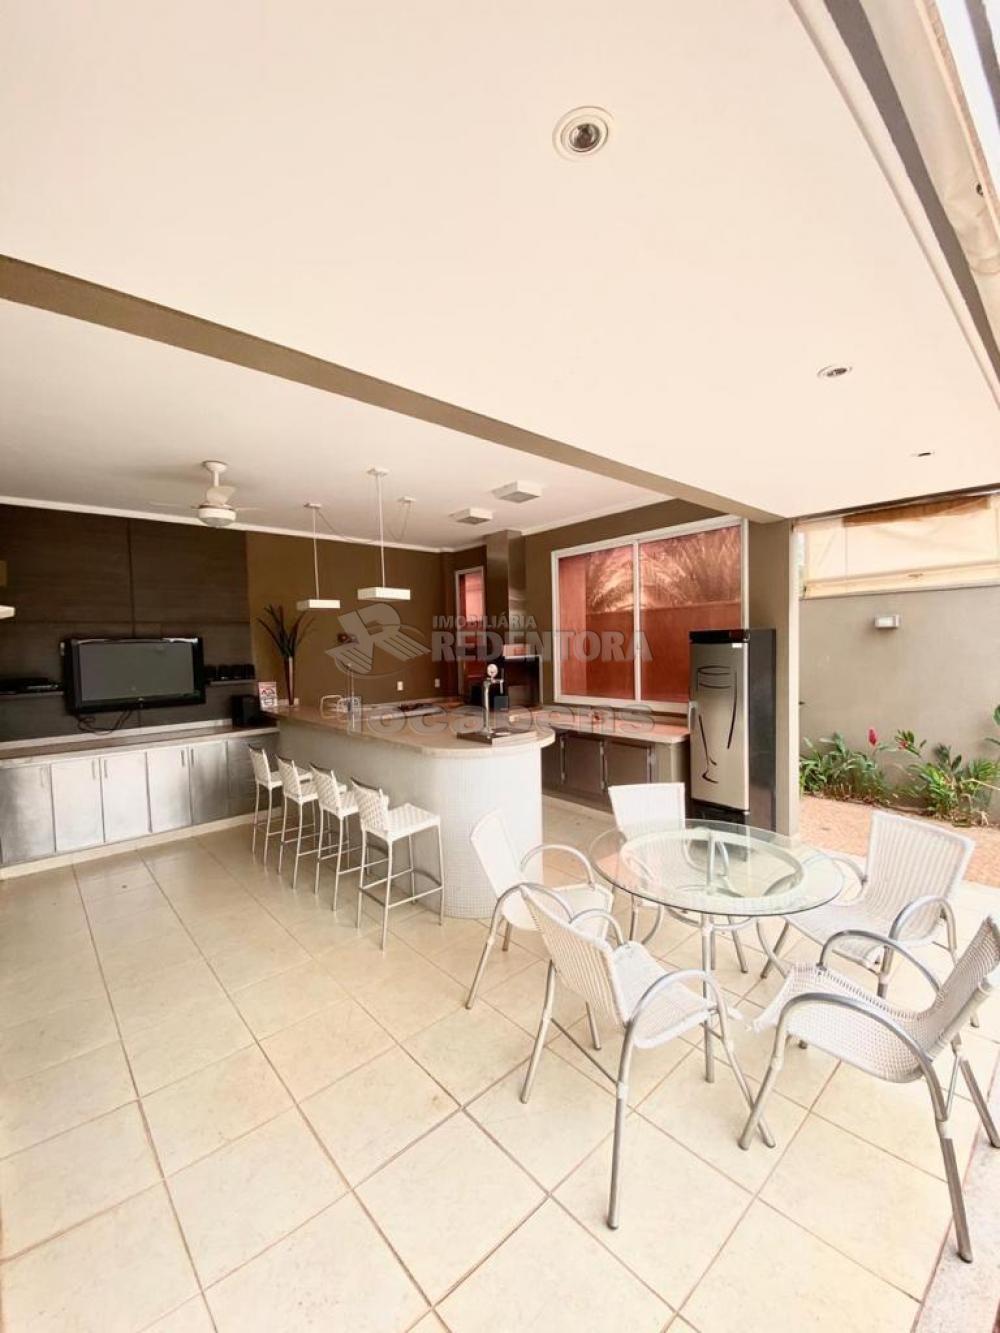 Comprar Casa / Condomínio em São José do Rio Preto R$ 1.750.000,00 - Foto 7